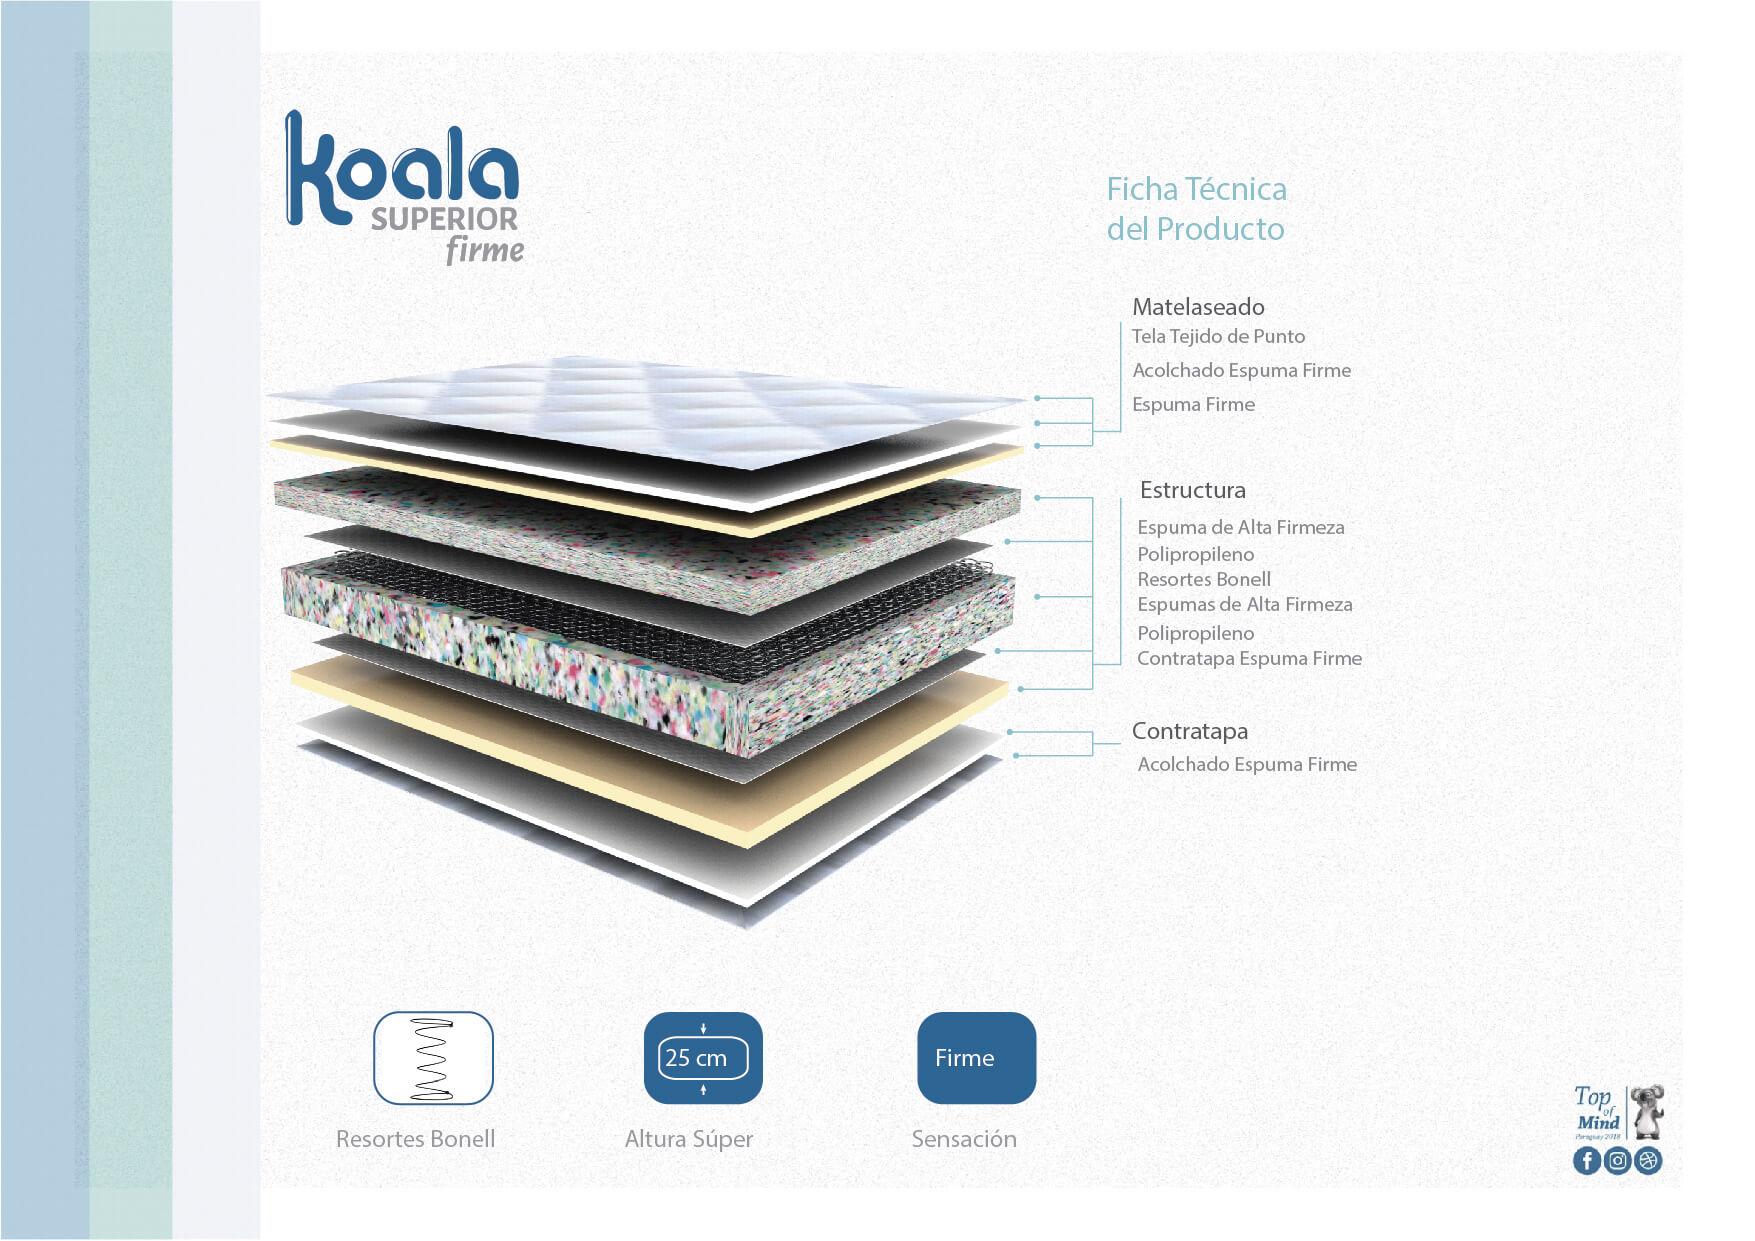 Sommier Koala Superior 120x190 Firme